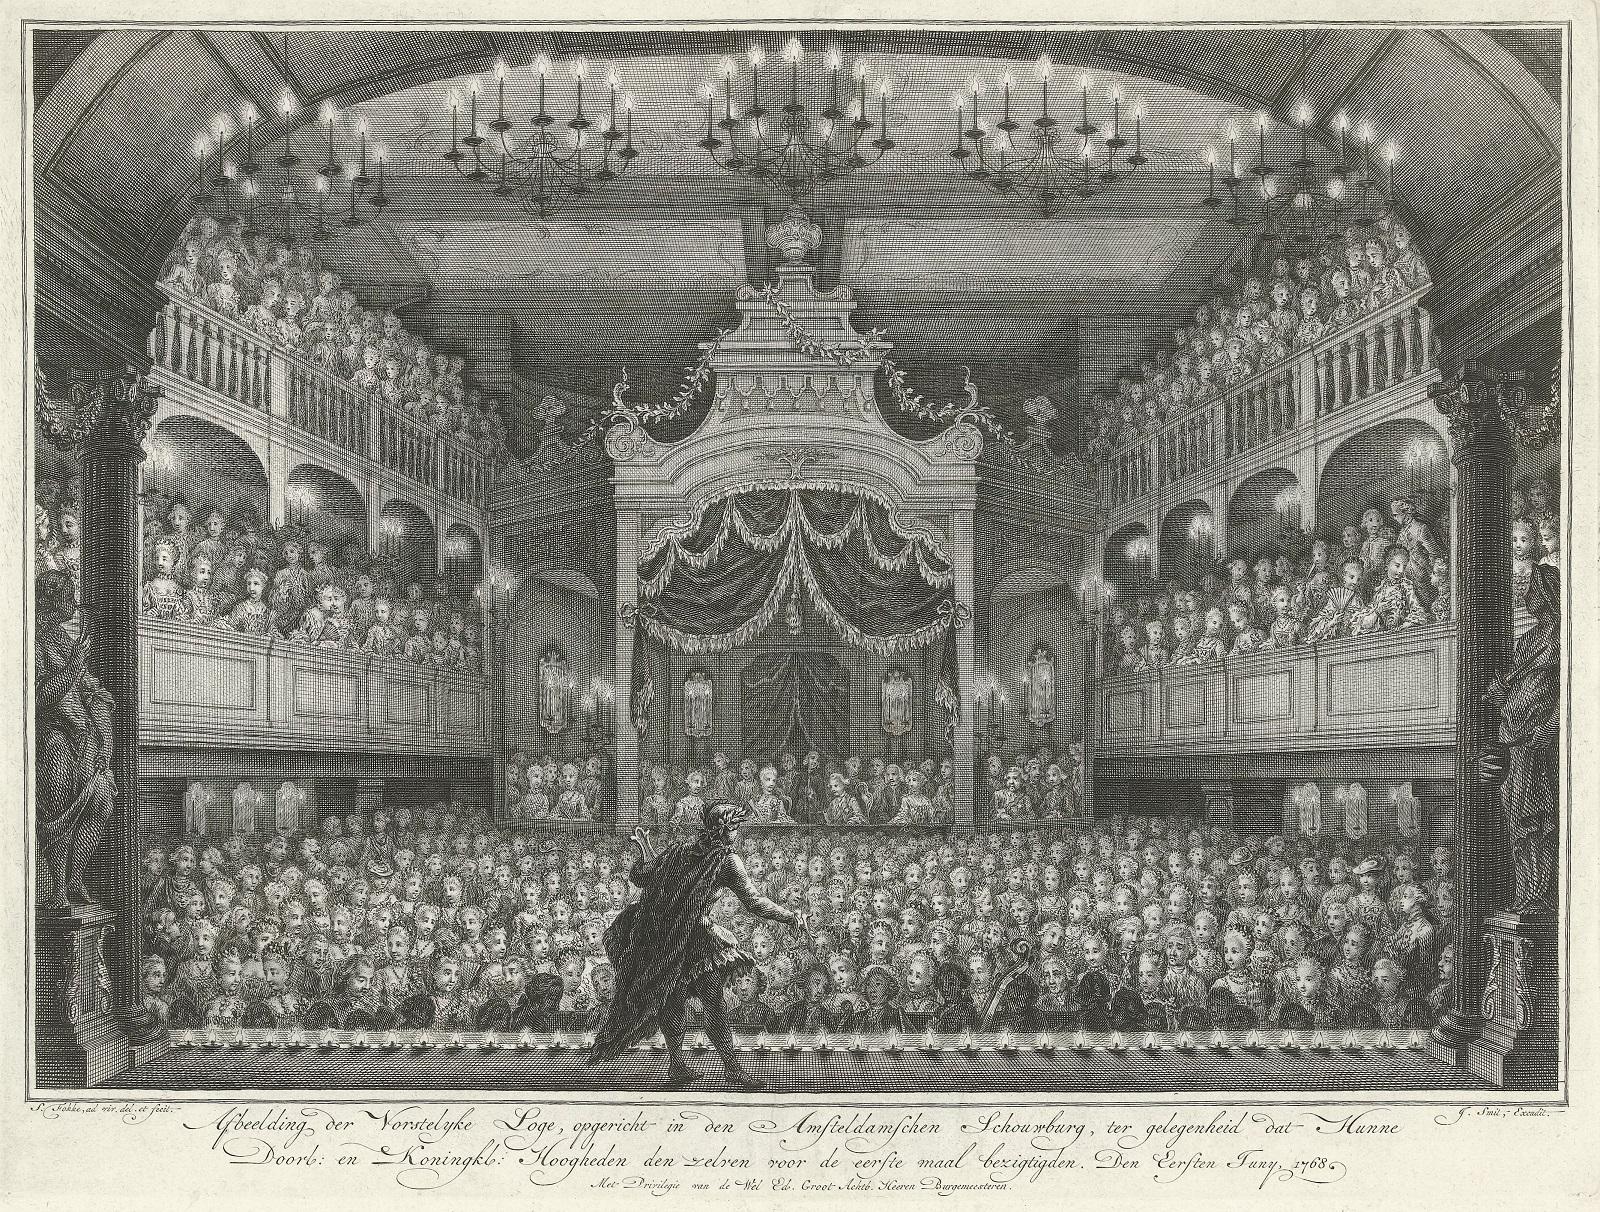 Wnętrze XVIII wiecznego teatru